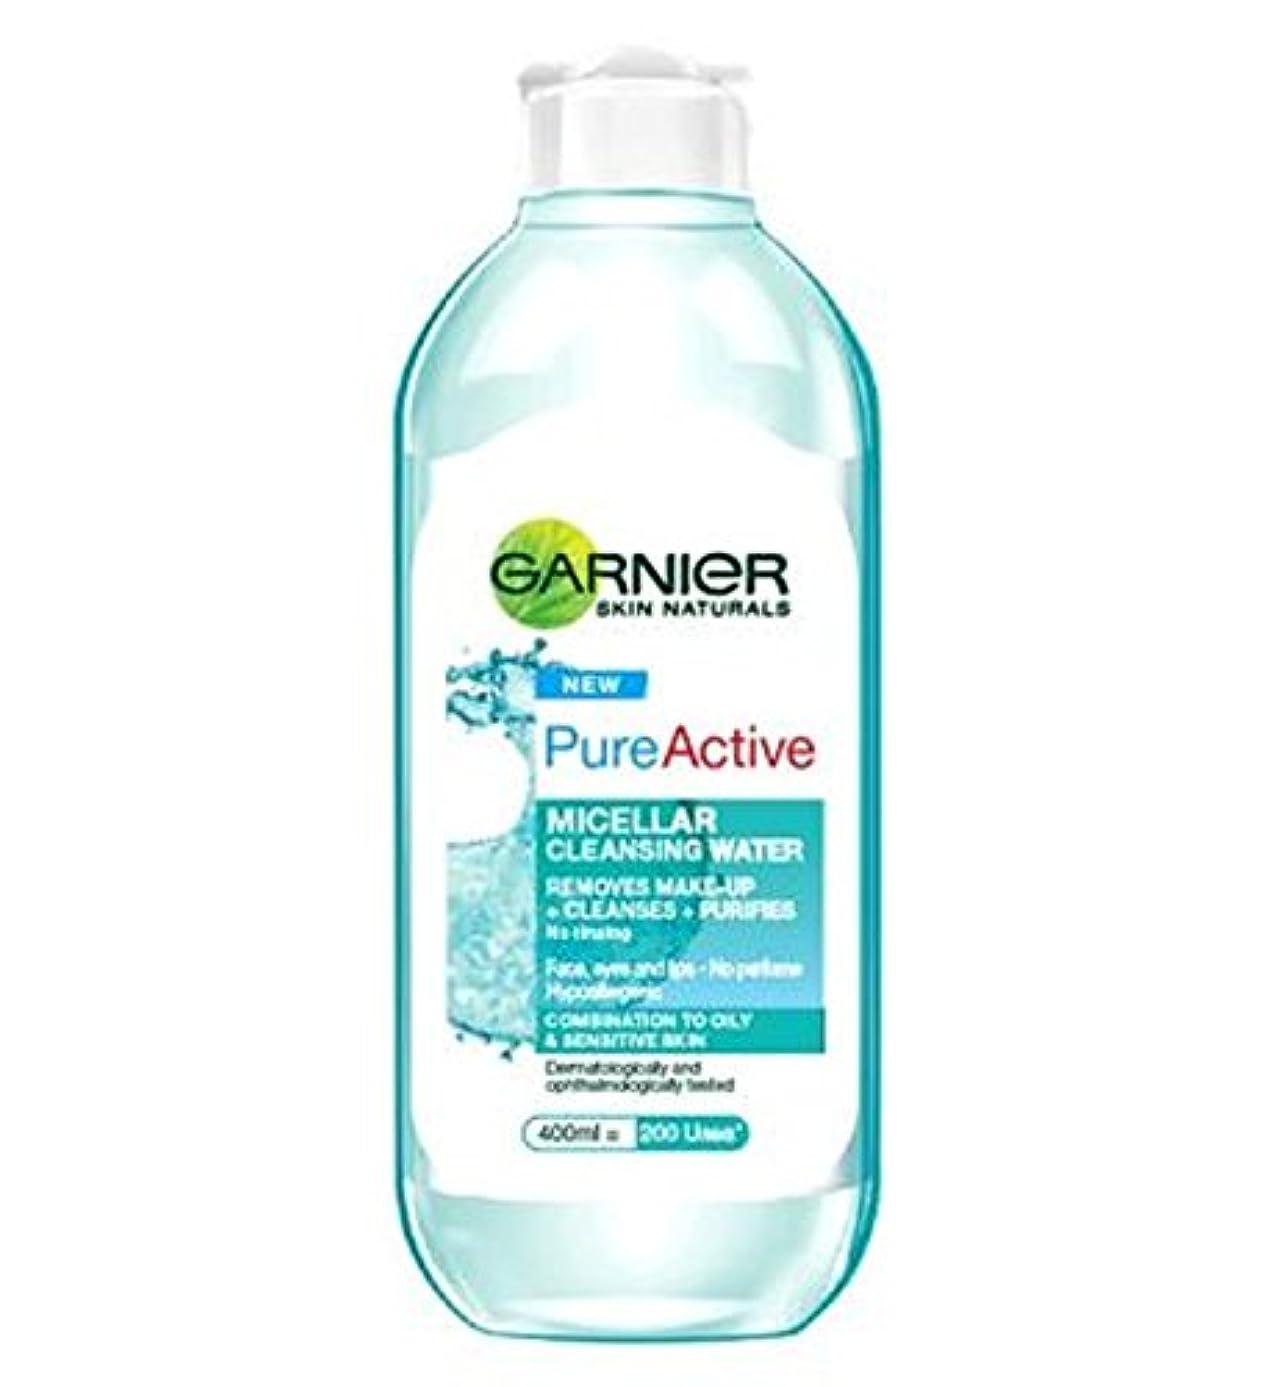 告白不十分な誰ガルニエ純粋なミセル洗浄水400ミリリットル (Garnier) (x2) - Garnier Pure Micellar Cleansing Water 400ml (Pack of 2) [並行輸入品]